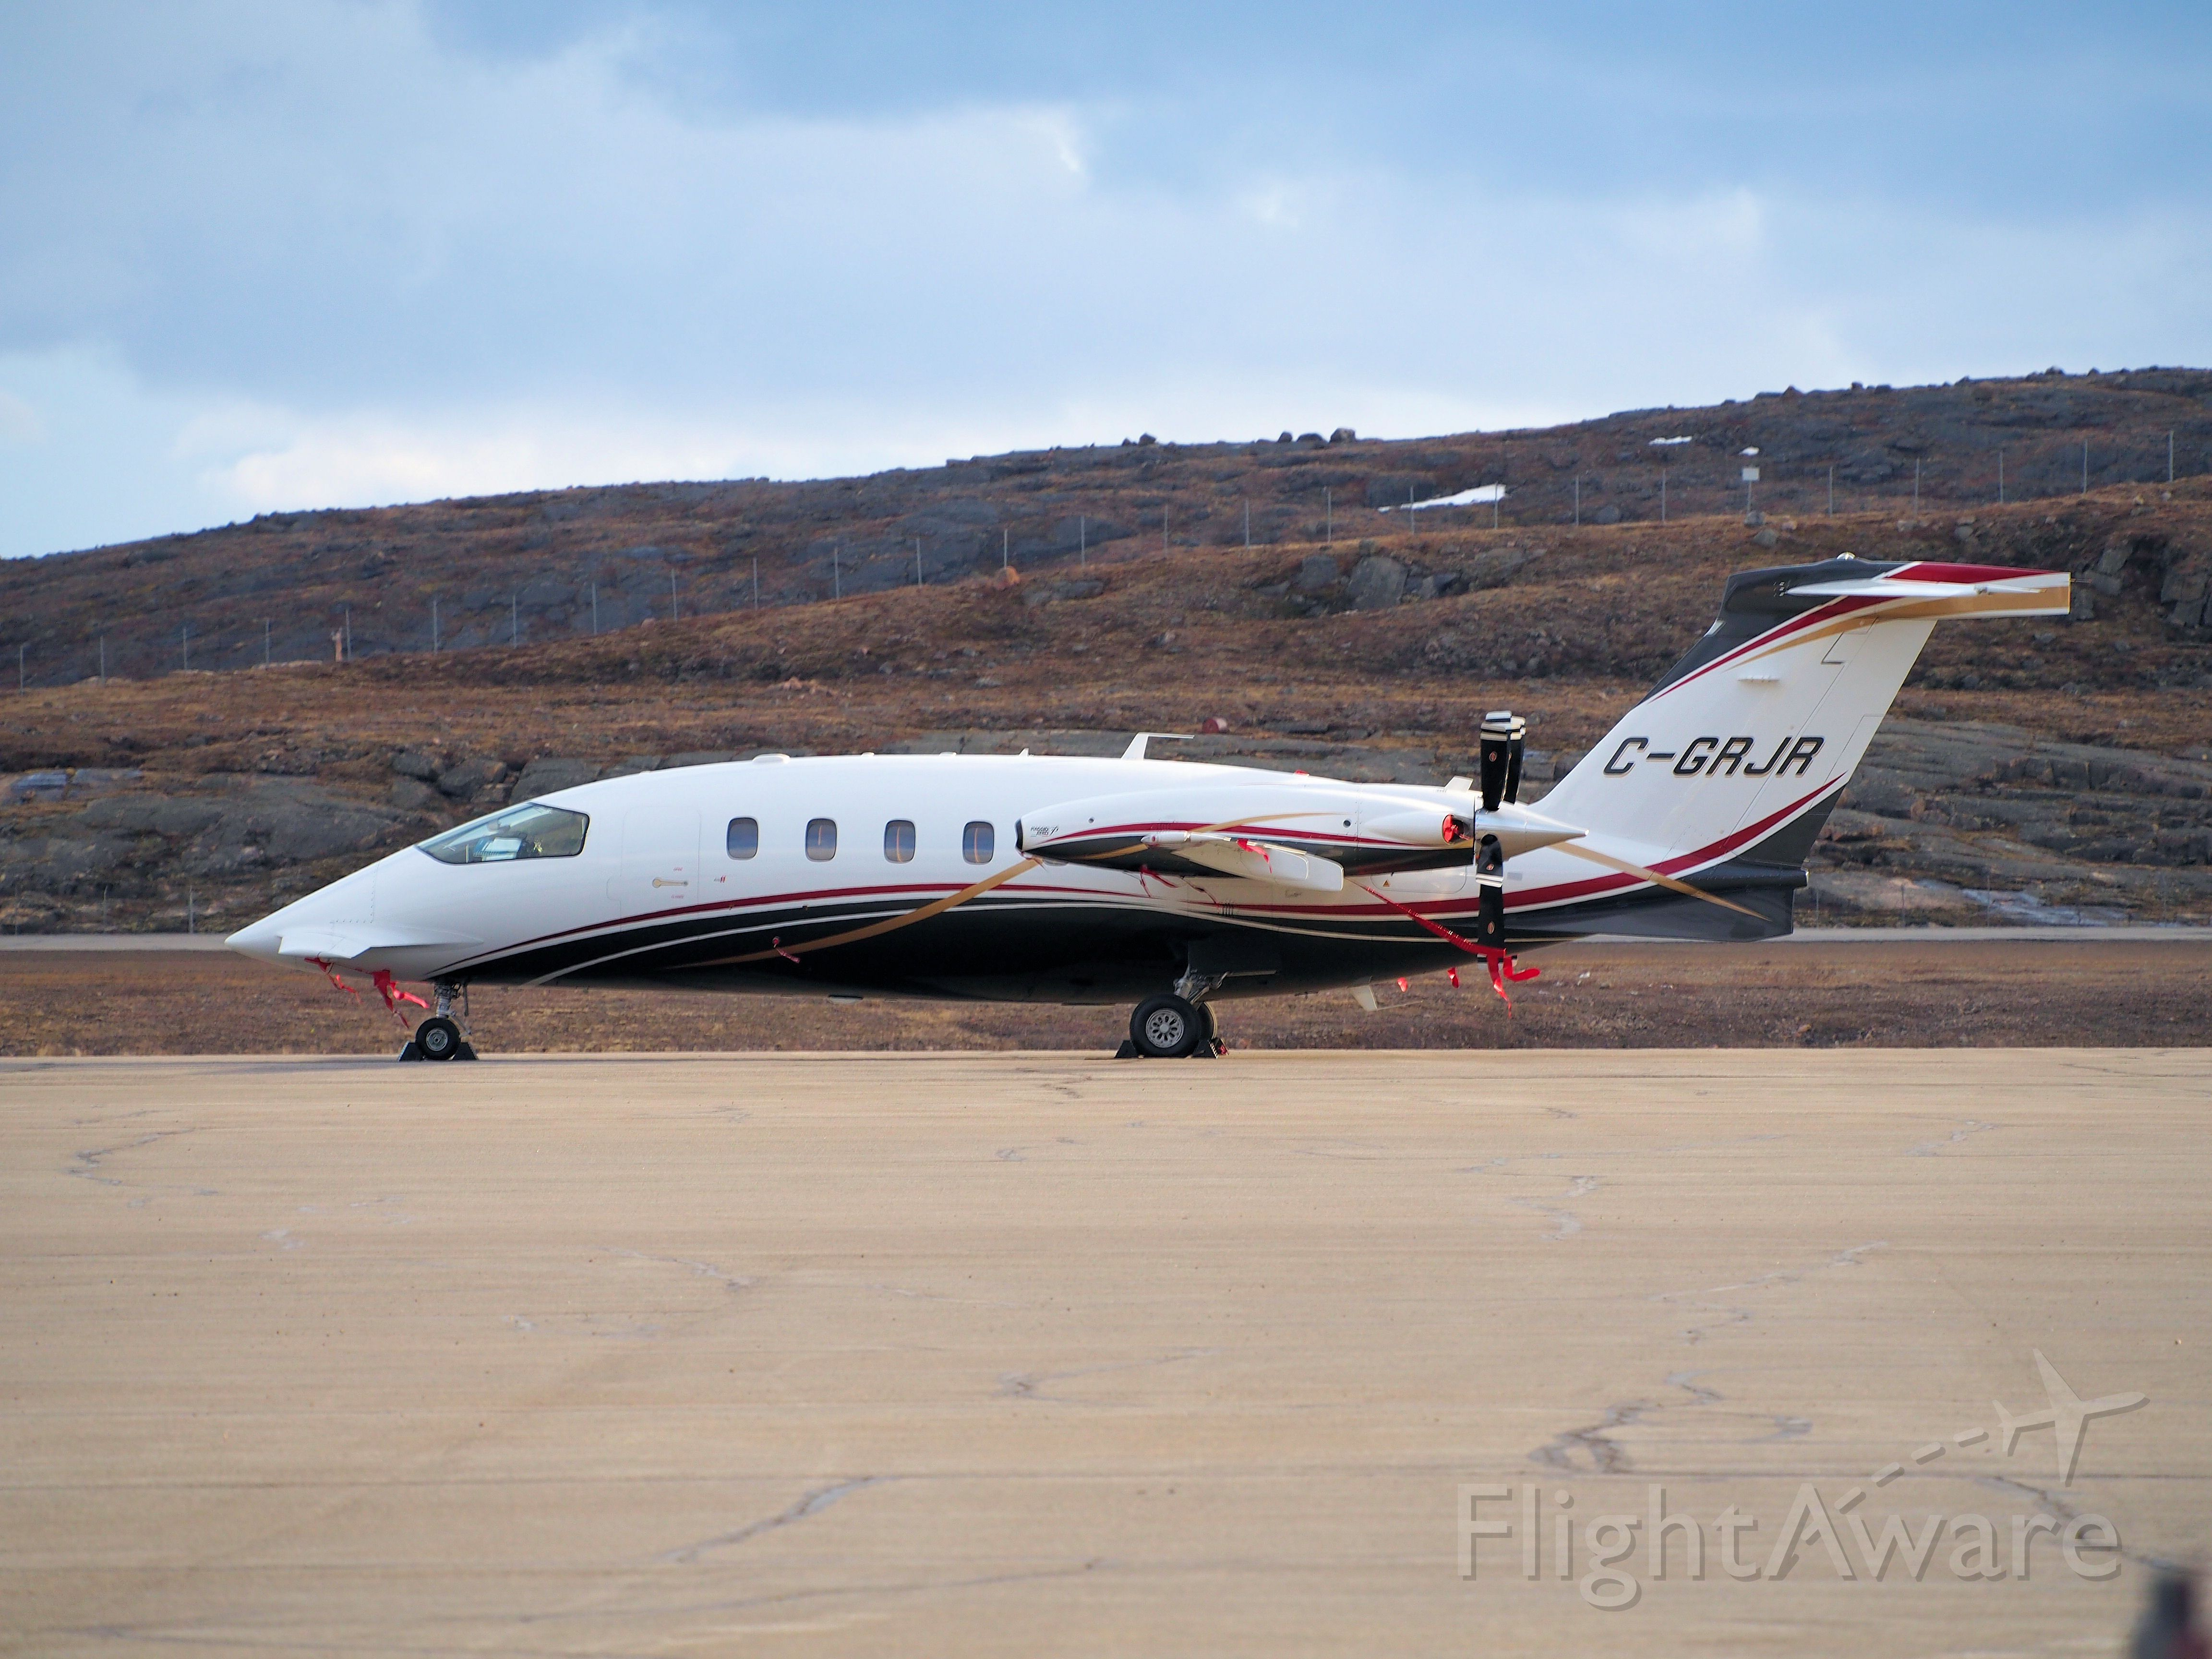 Piaggio P.180 Avanti (C-GRJR) - Parked at the Iqaluit airport. June 9, 2014